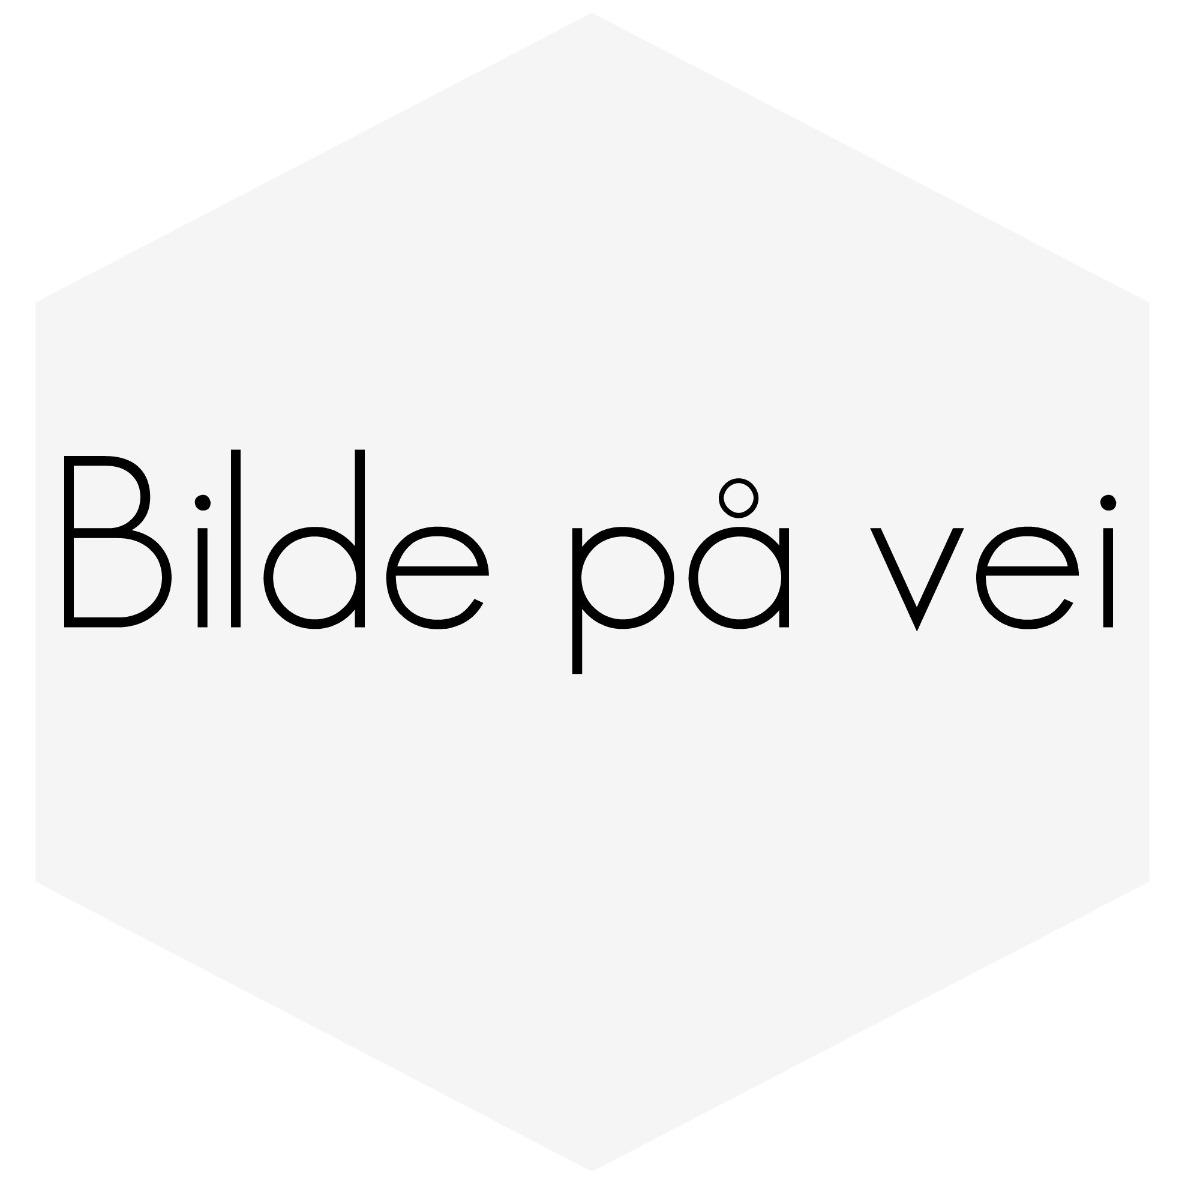 SPOILERLAMPE/FOGLAMPE S/V40 VOLVO 01-03  høyre side